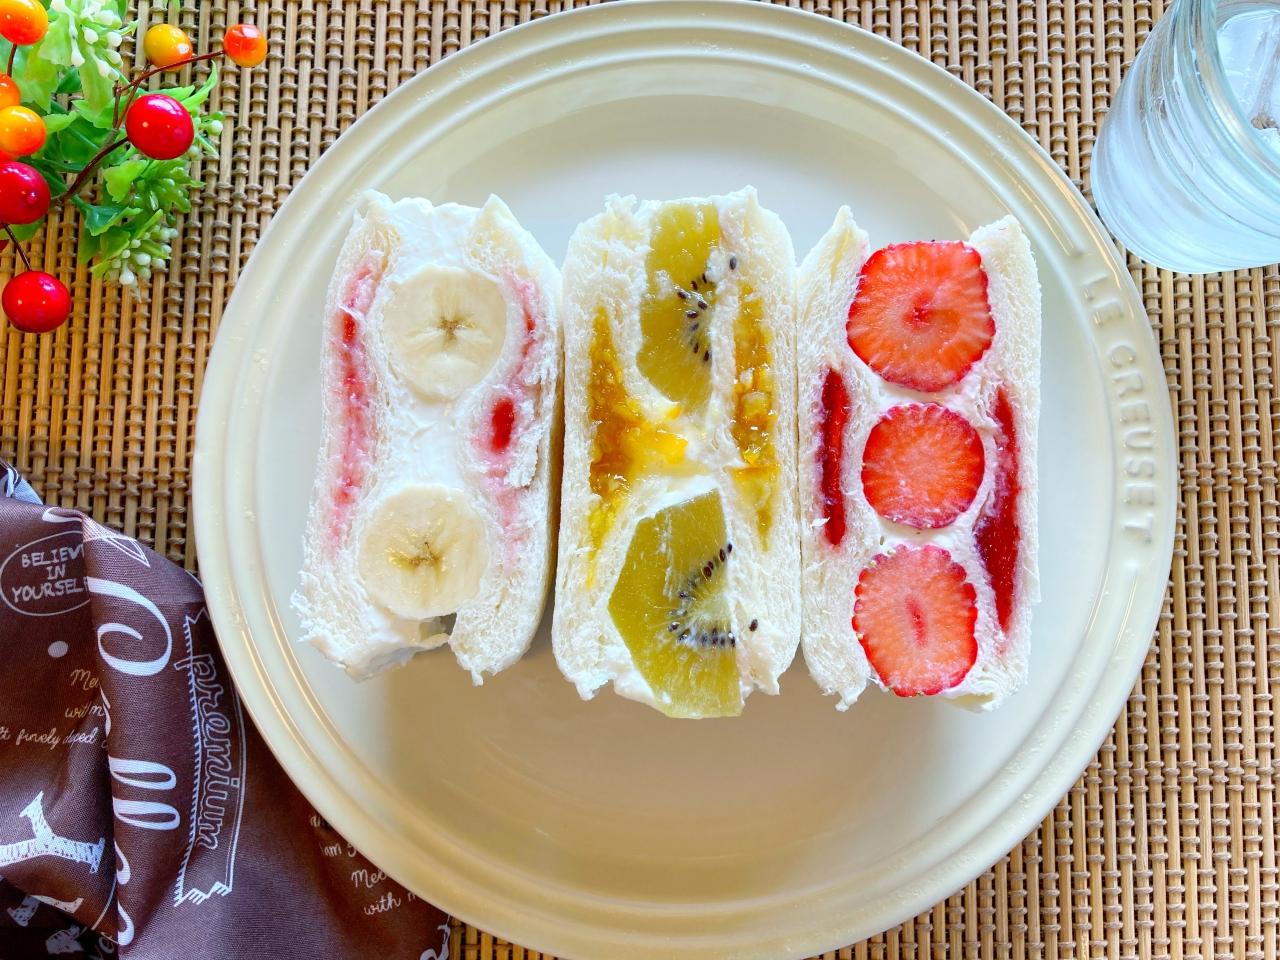 ランチパックで作るフルーツサンド3種類